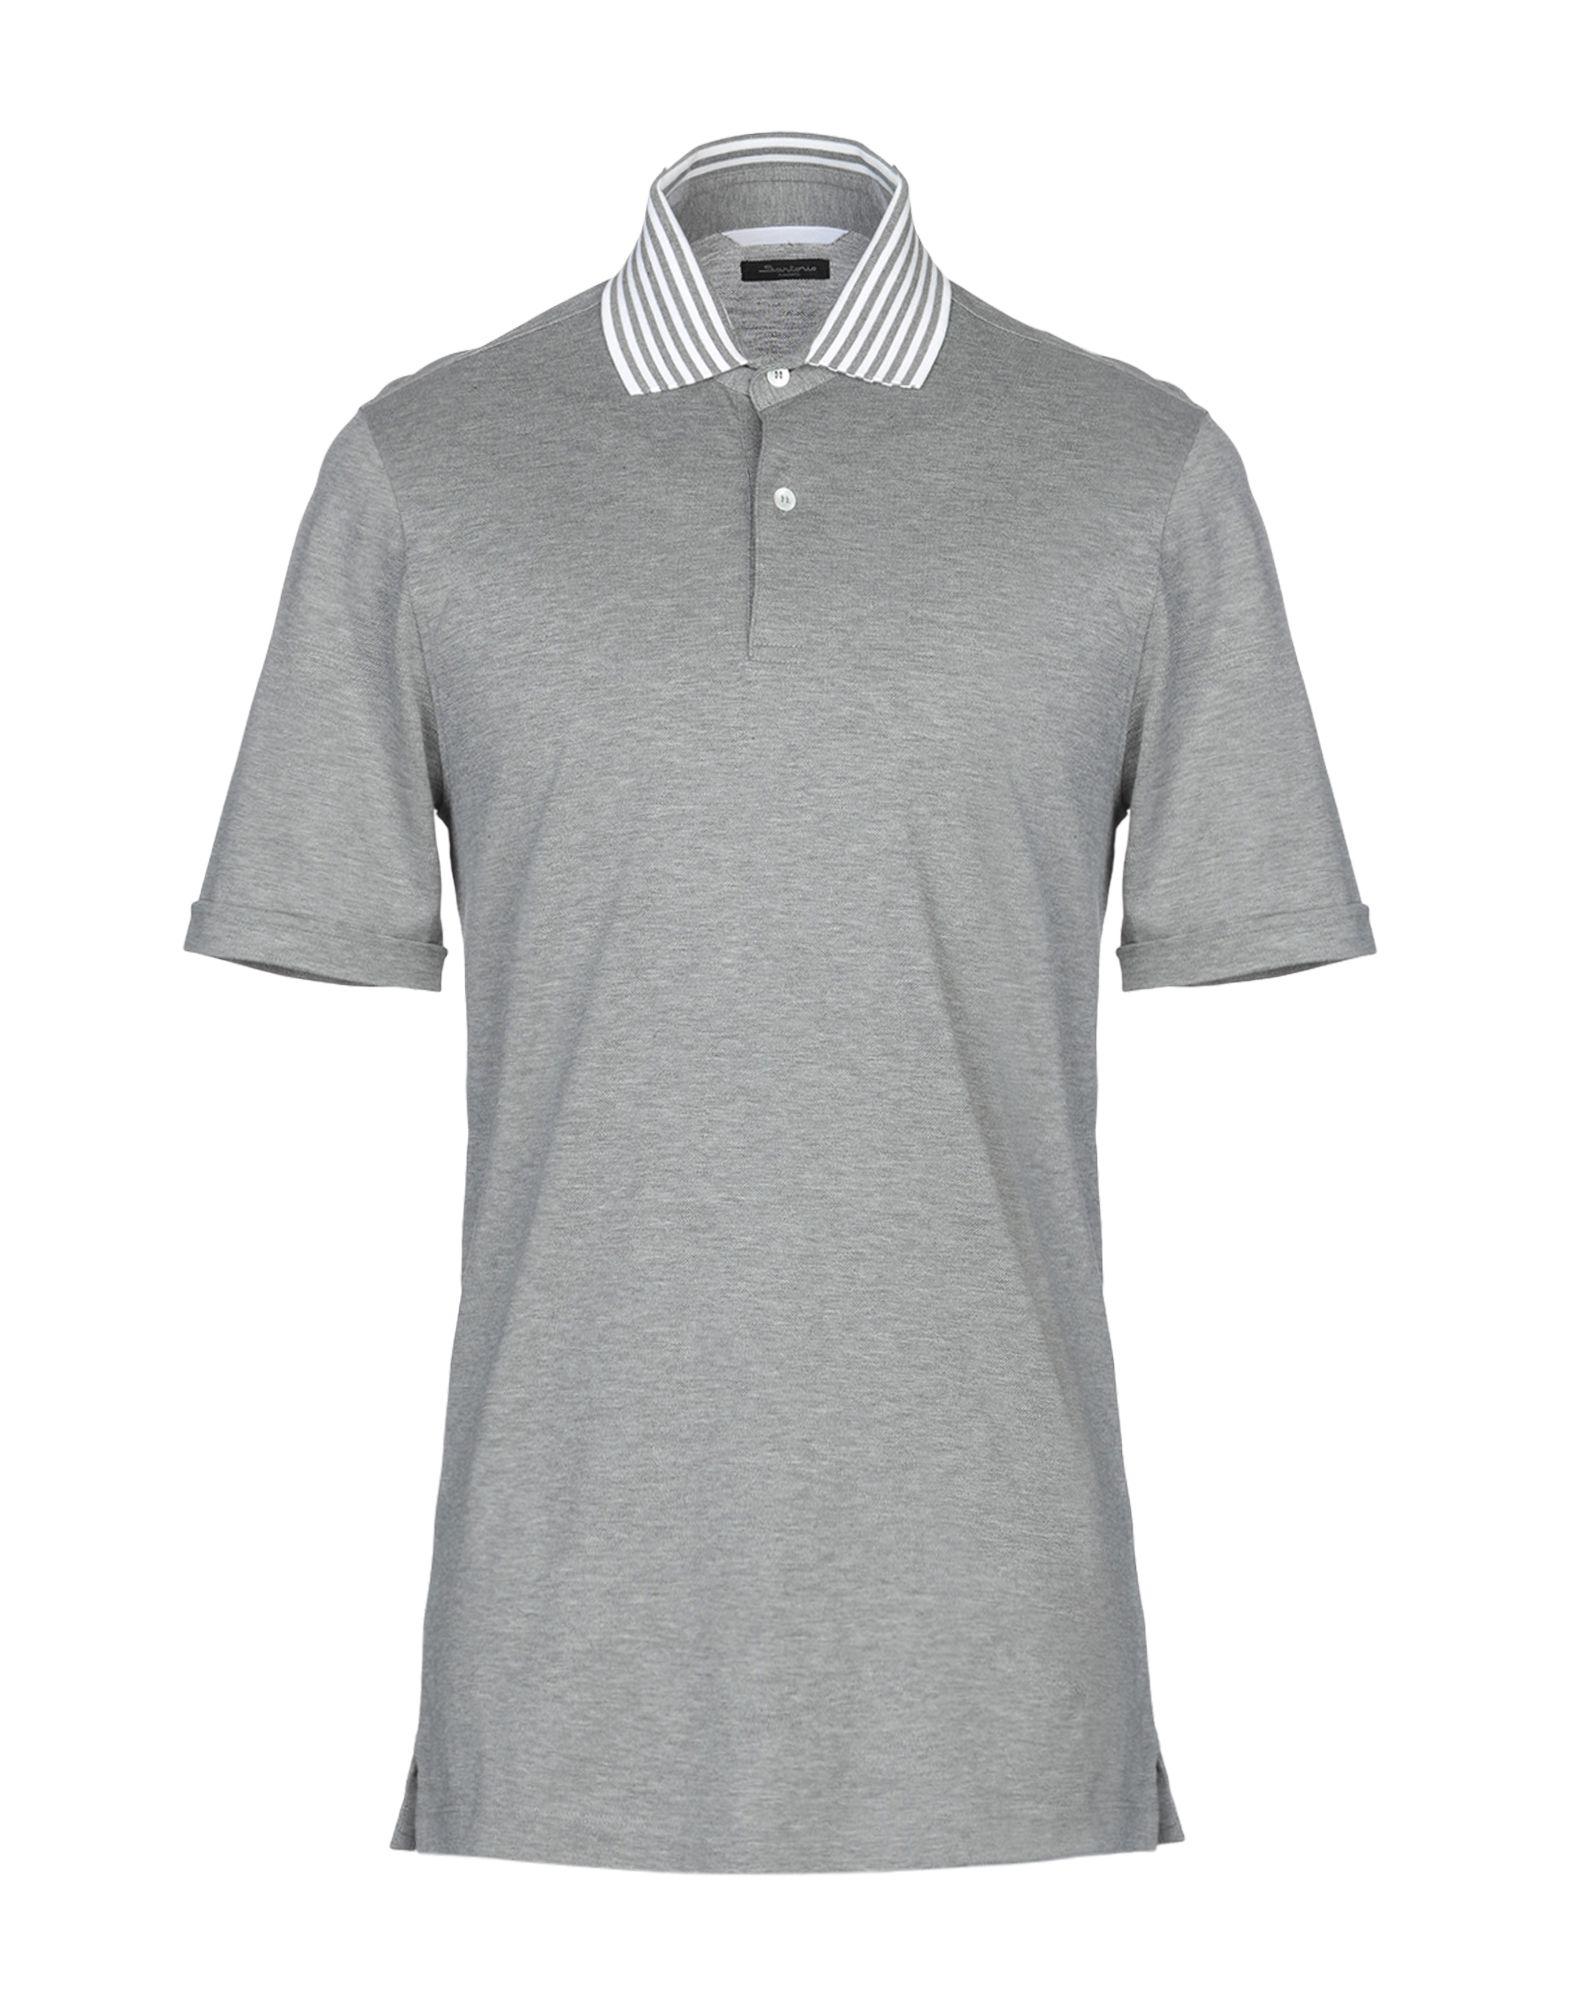 《送料無料》SARTORIO メンズ ポロシャツ ライトグレー 50 コットン 100%